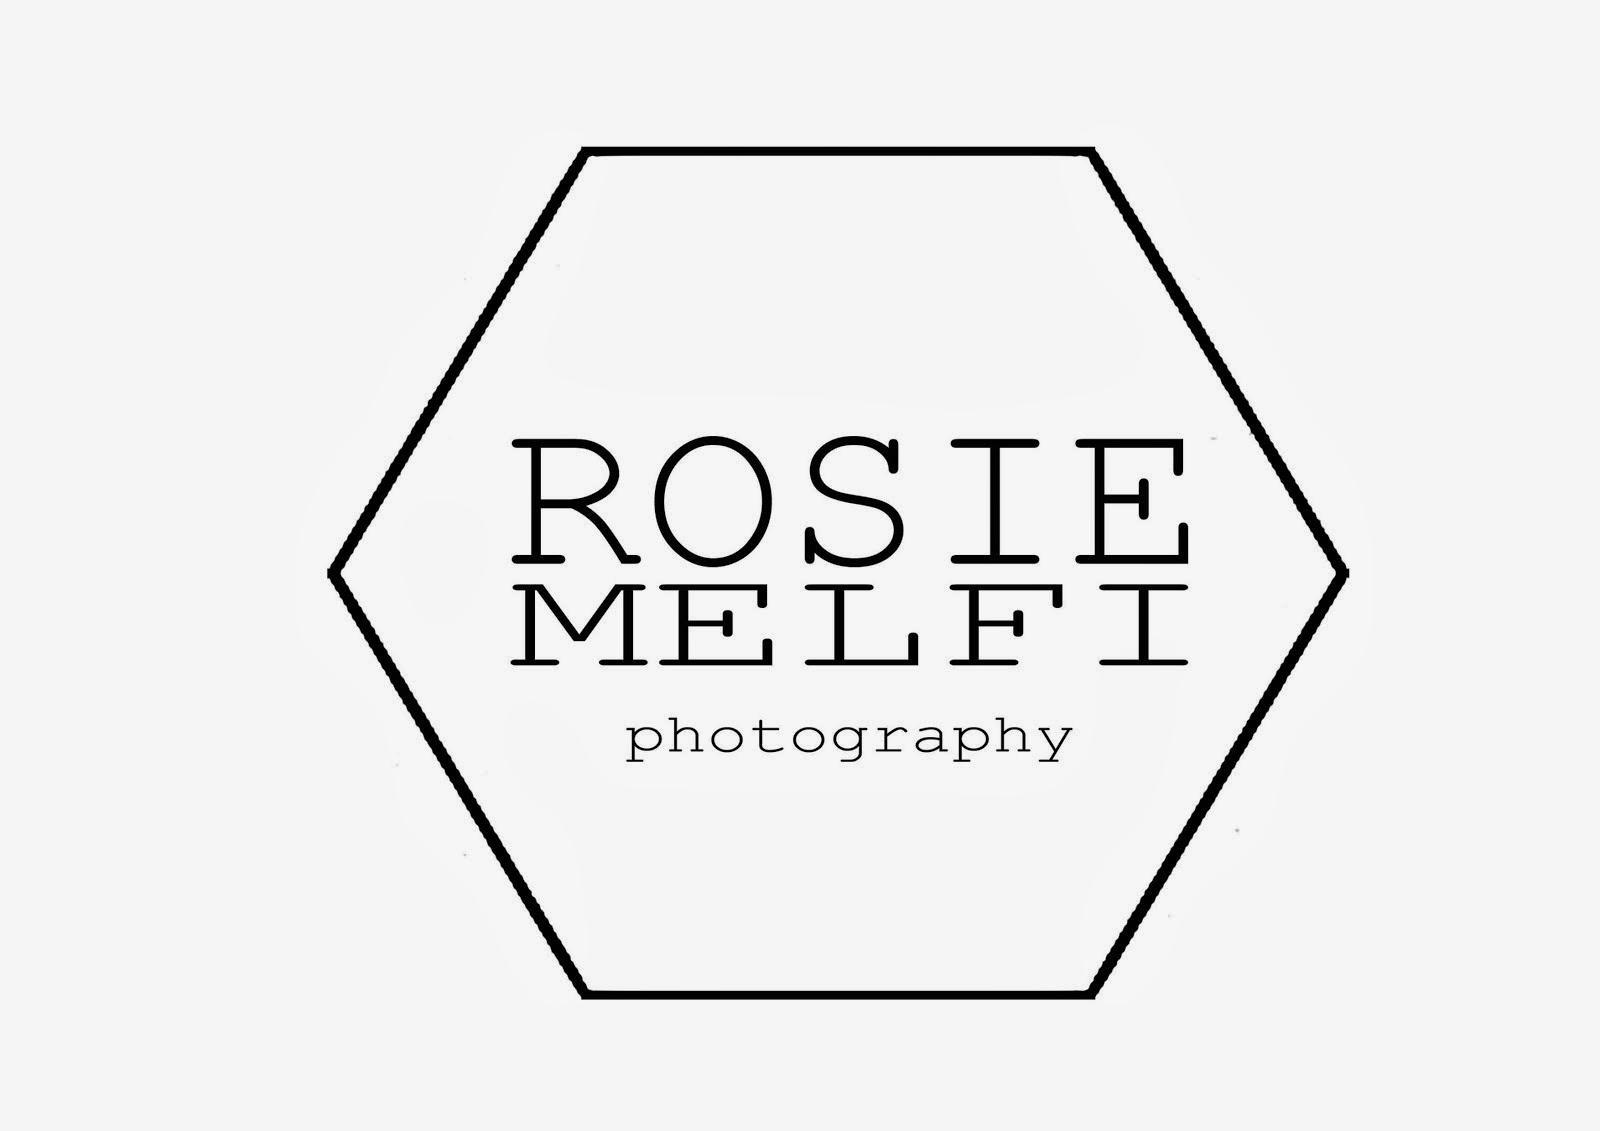 ROSIE MELFI photography